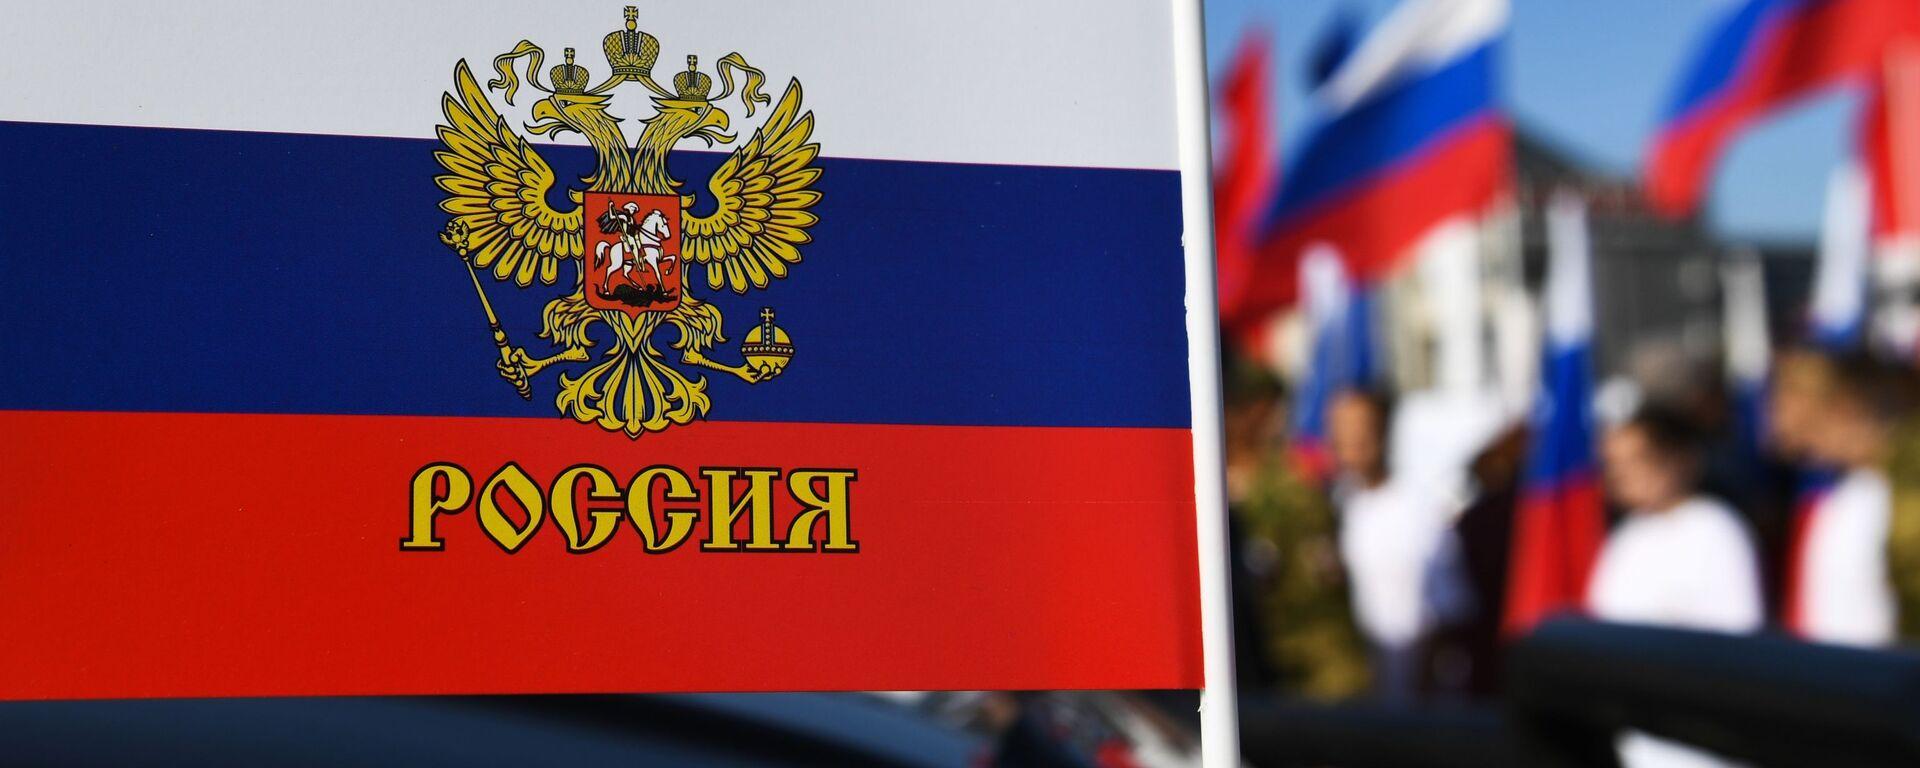 Празднование Дня государственного флага России - Sputnik Таджикистан, 1920, 18.02.2021